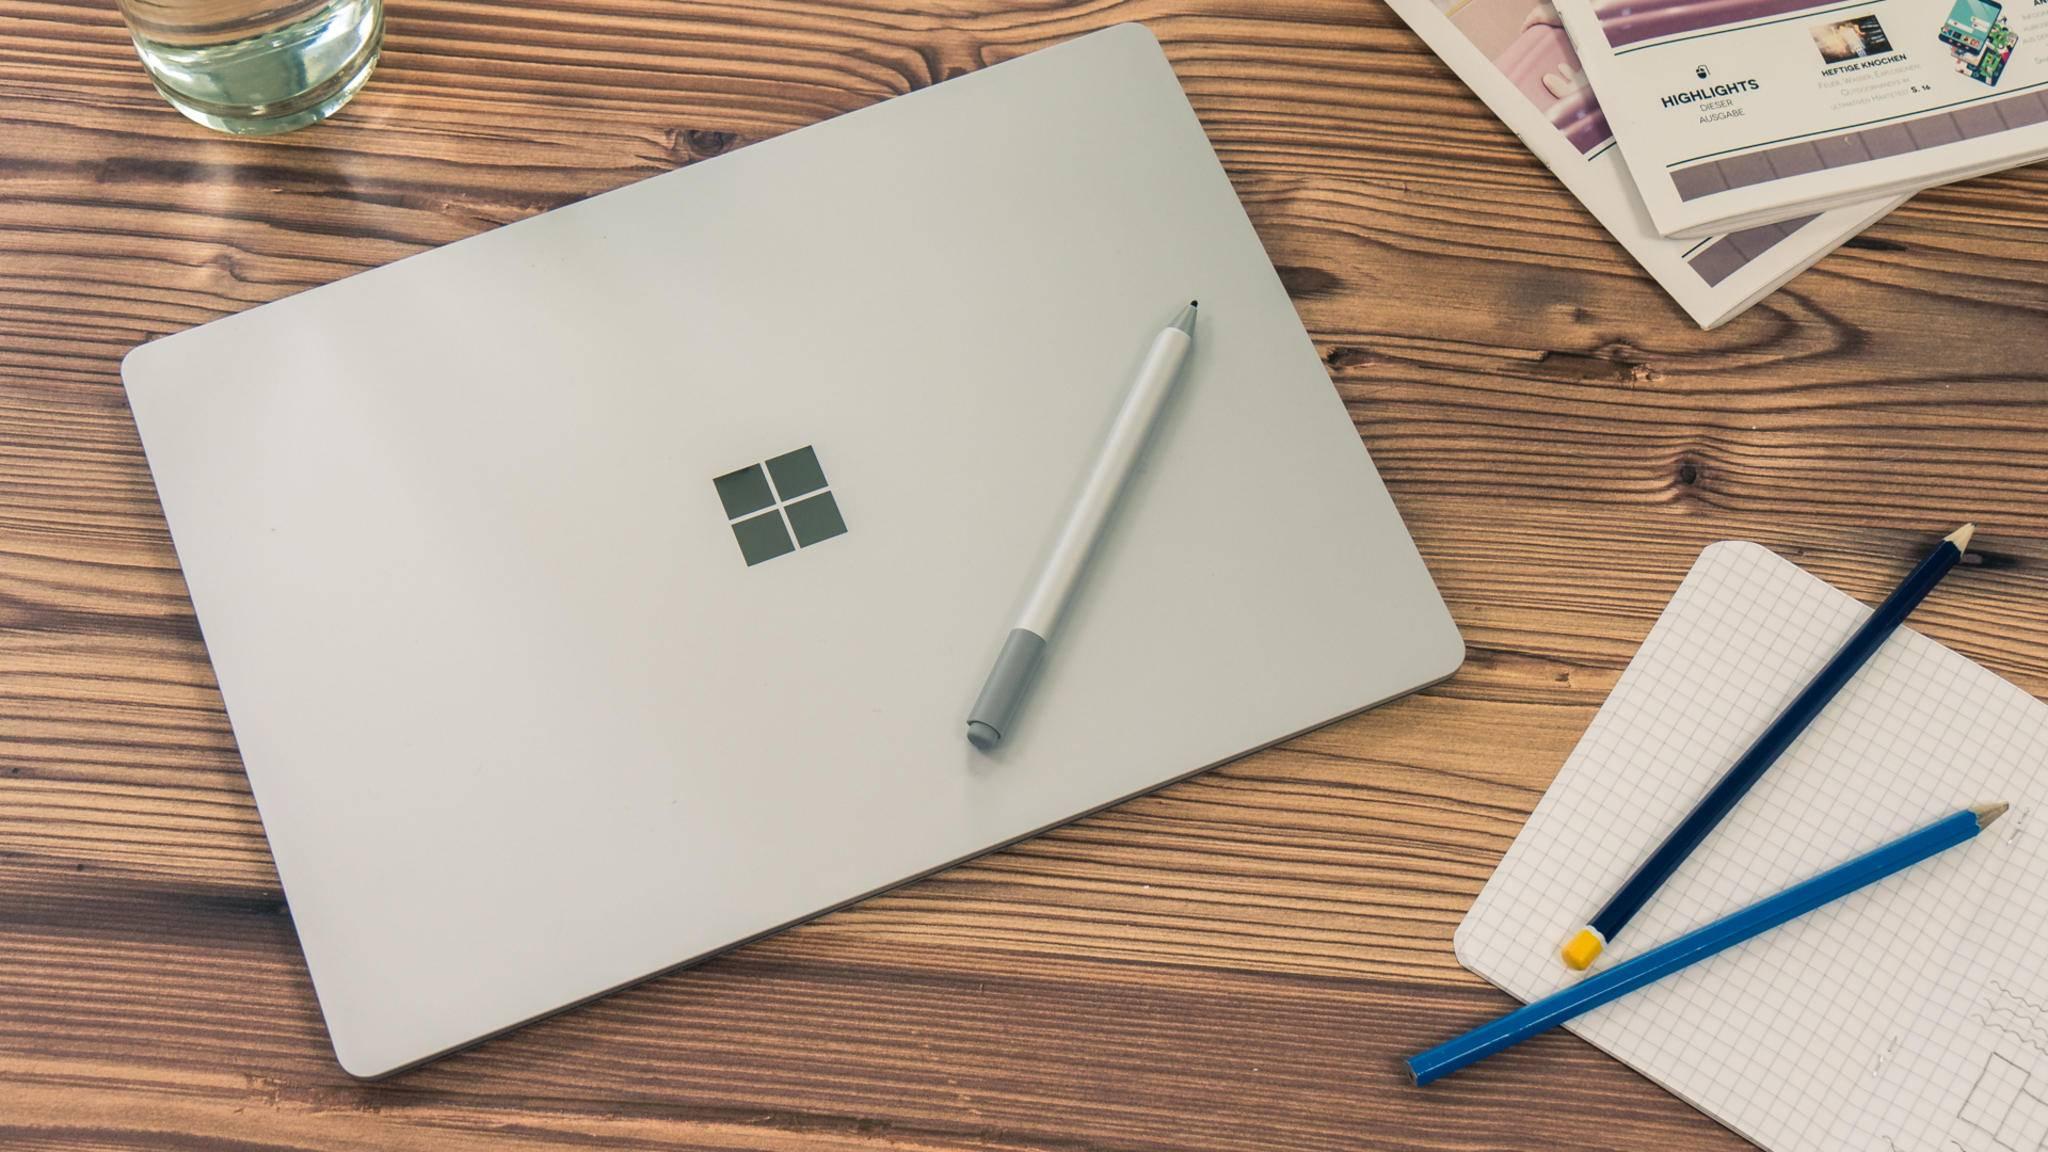 Bietet der Surface Laptop Vorteile gegenüber dem Surface Pro?